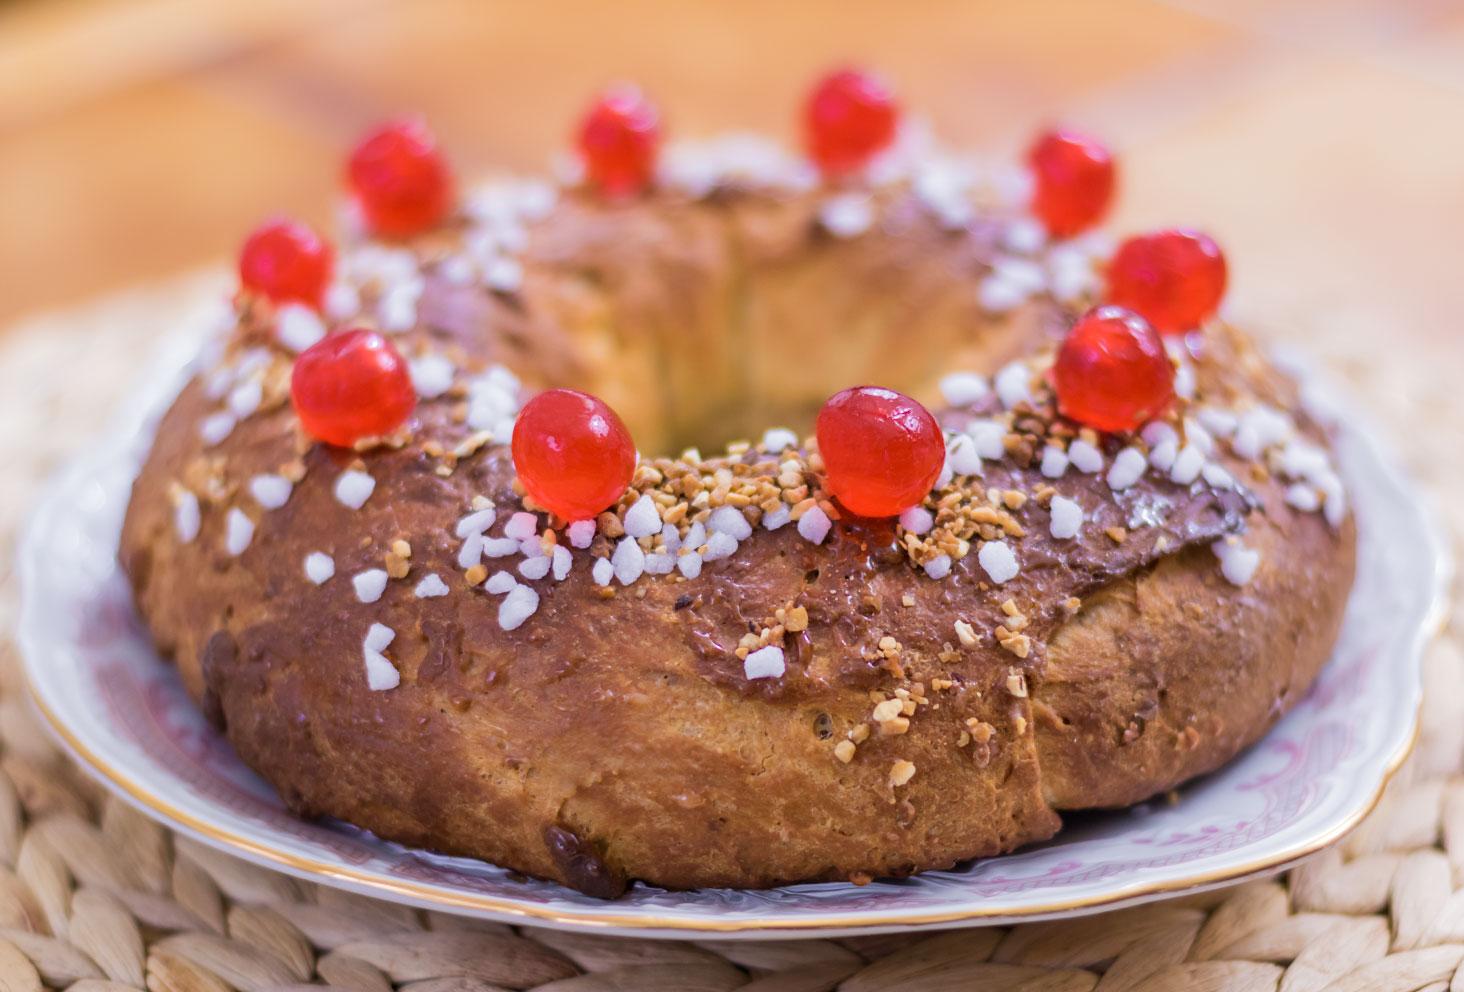 Couronne des rois au beurre de cacahuètes saupoudrée de sucre, de pralin et de cerises confites en entier